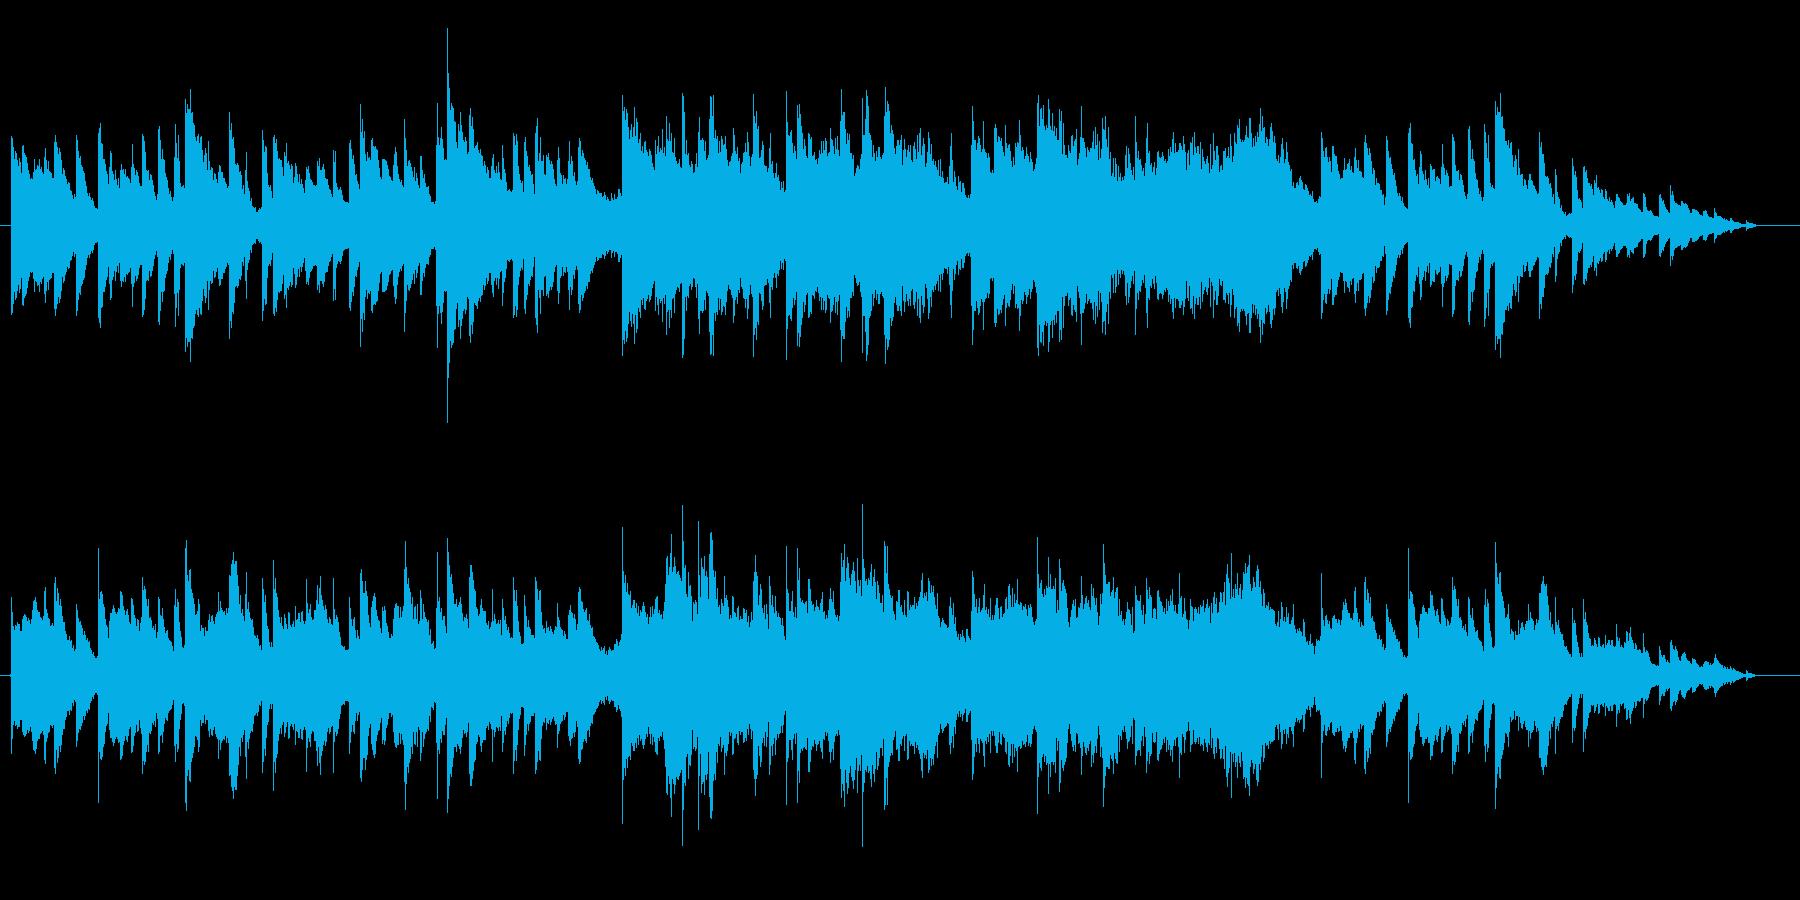 ピアノとストリングスの悲しげな曲の再生済みの波形